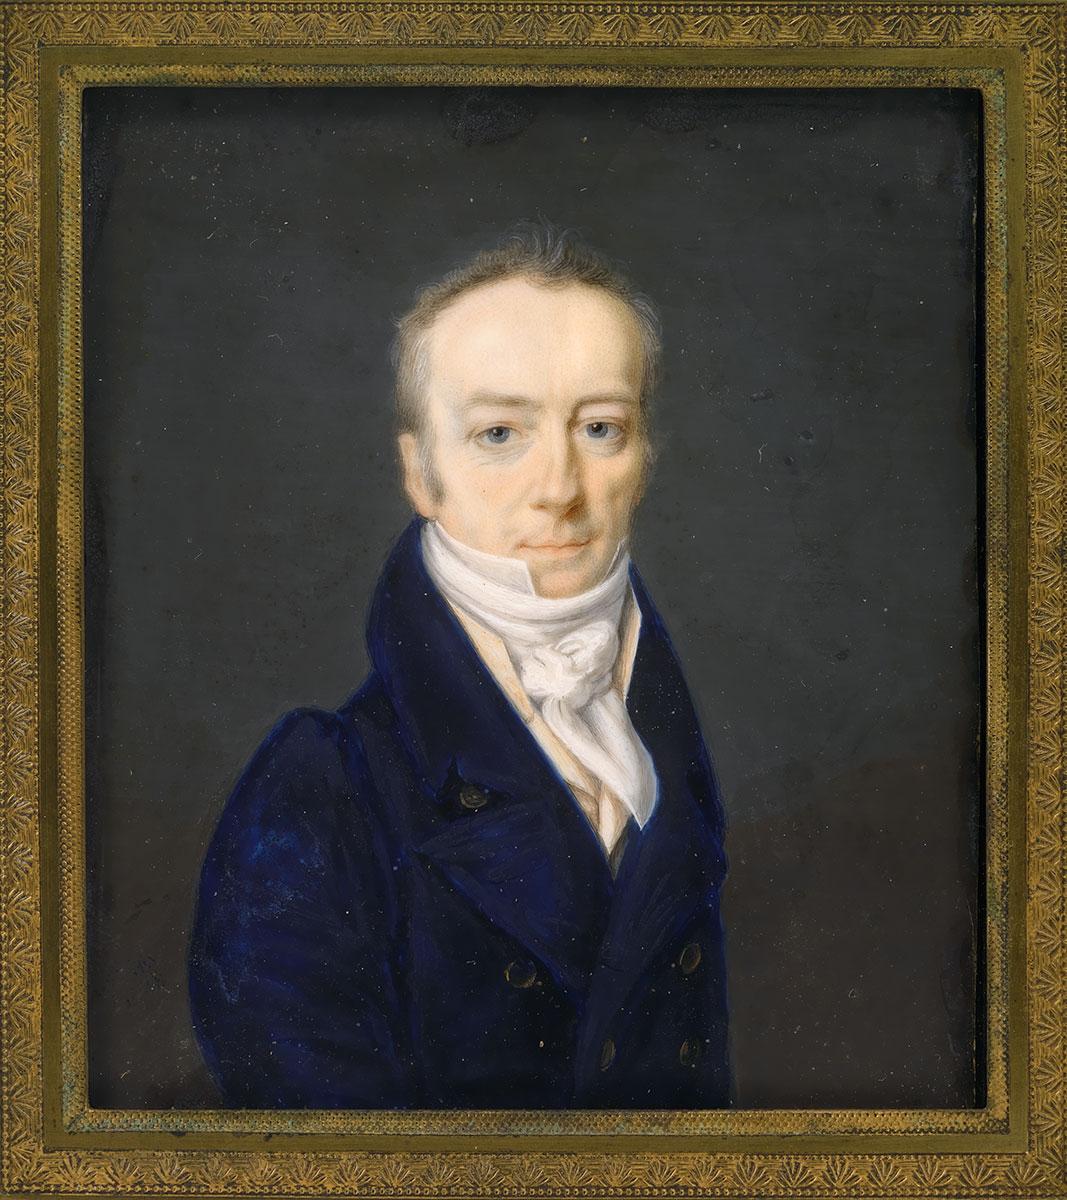 James Smithson, by Henri-Joseph Johns, 1816.